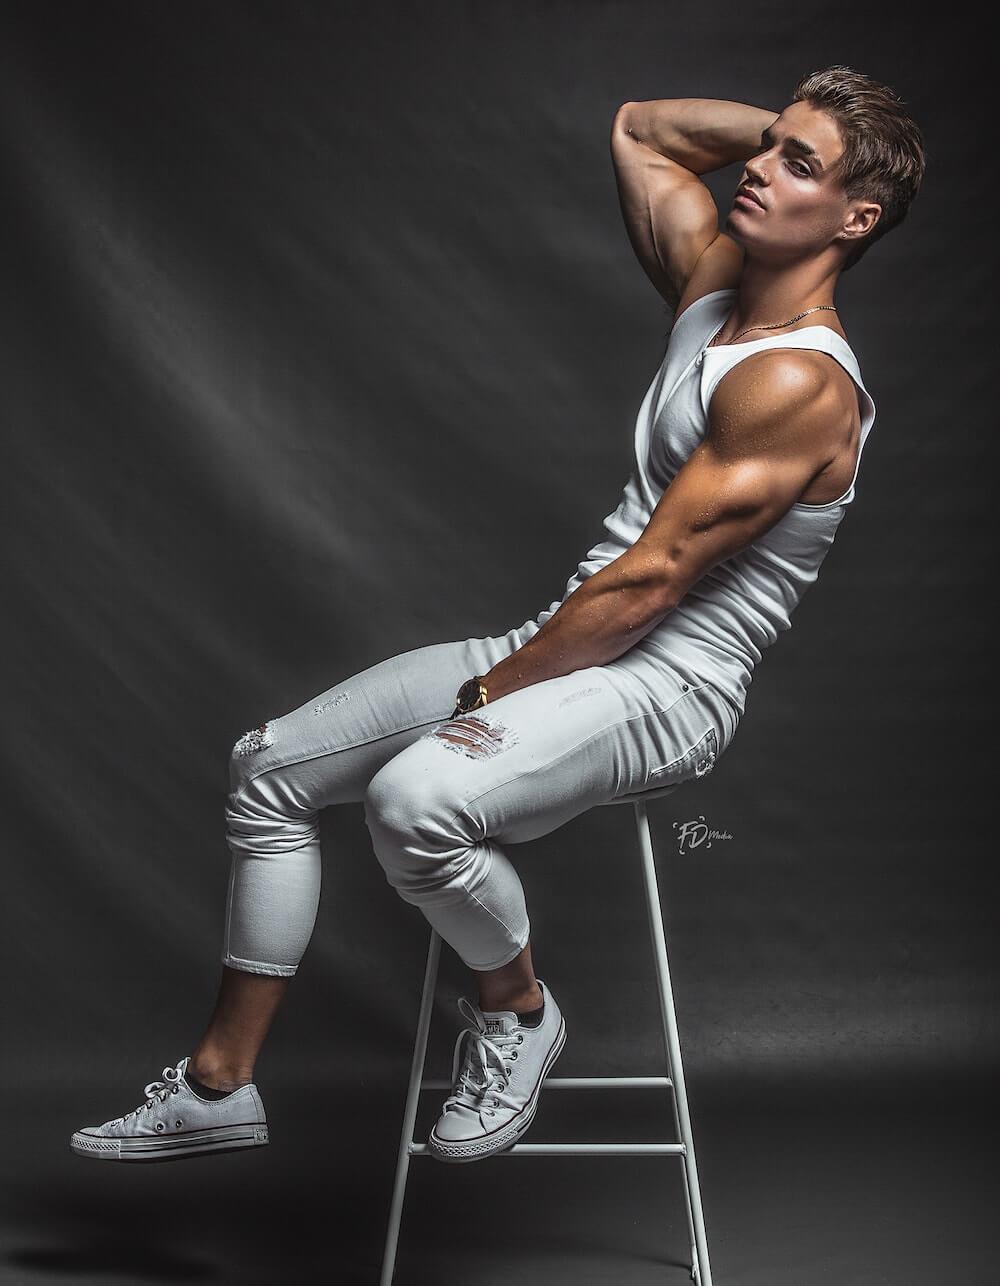 Joey Male Model